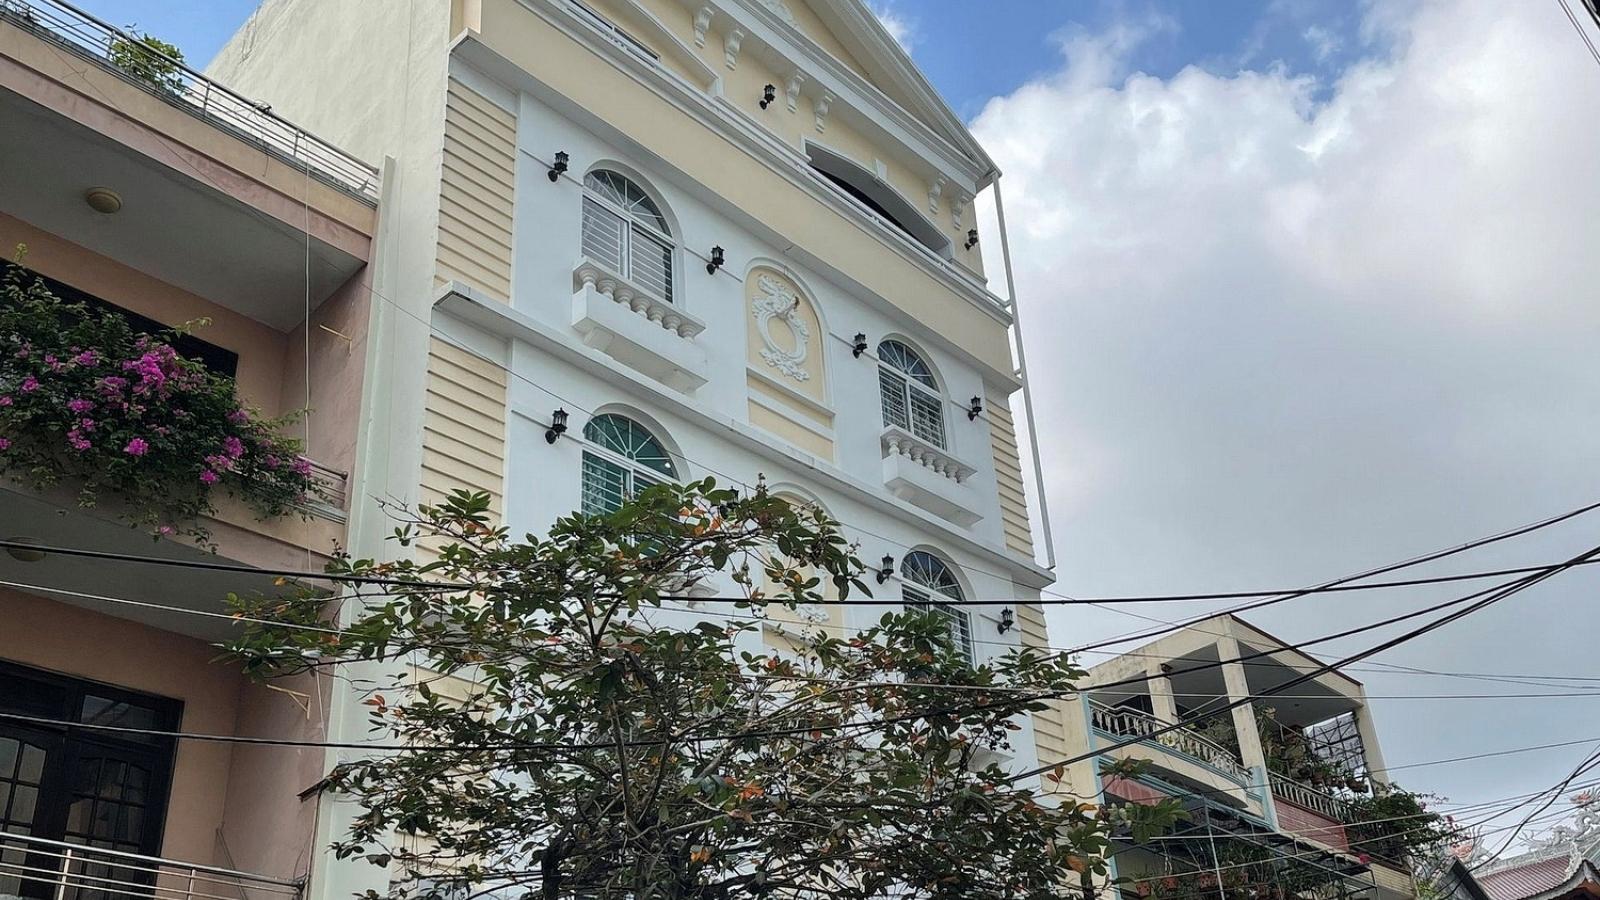 Hai người tử vong trong khách sạn nghi do sử dụng ma túy